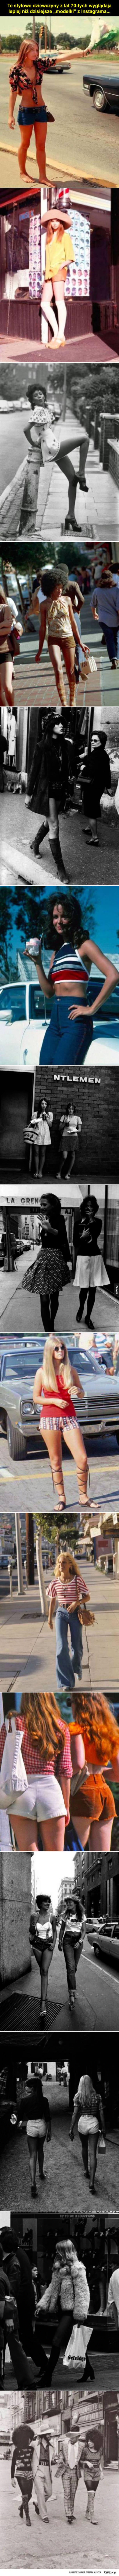 Moda lat 70-tych